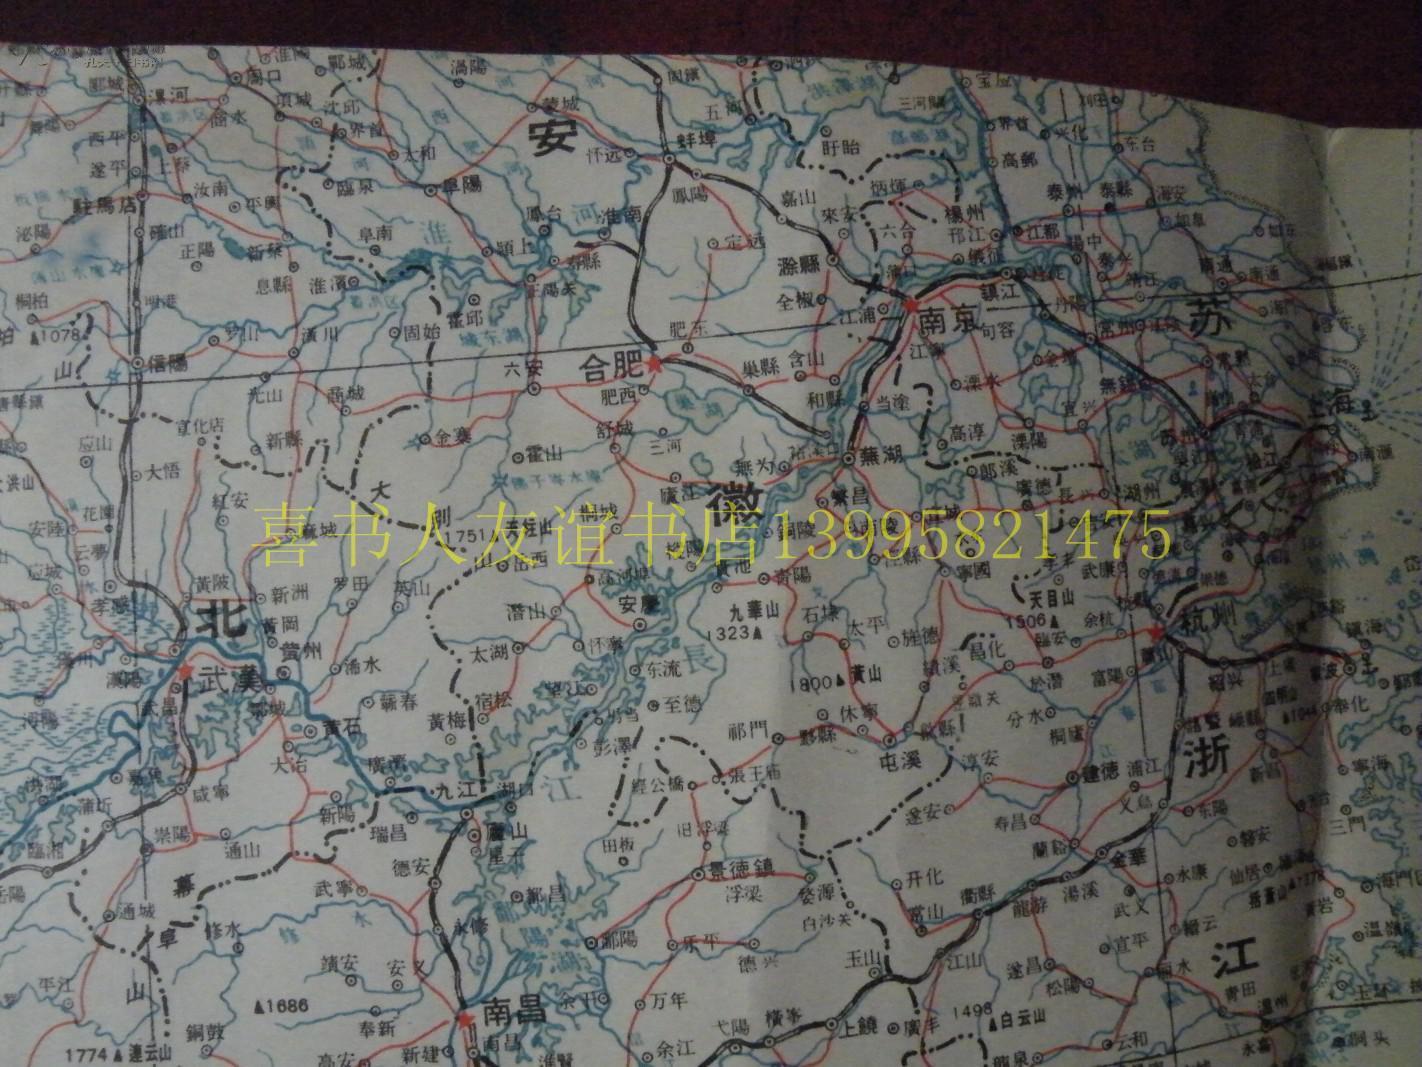 民国地图79【1939年】湖北省来凤县湖南省龙山县保靖县地形图图片